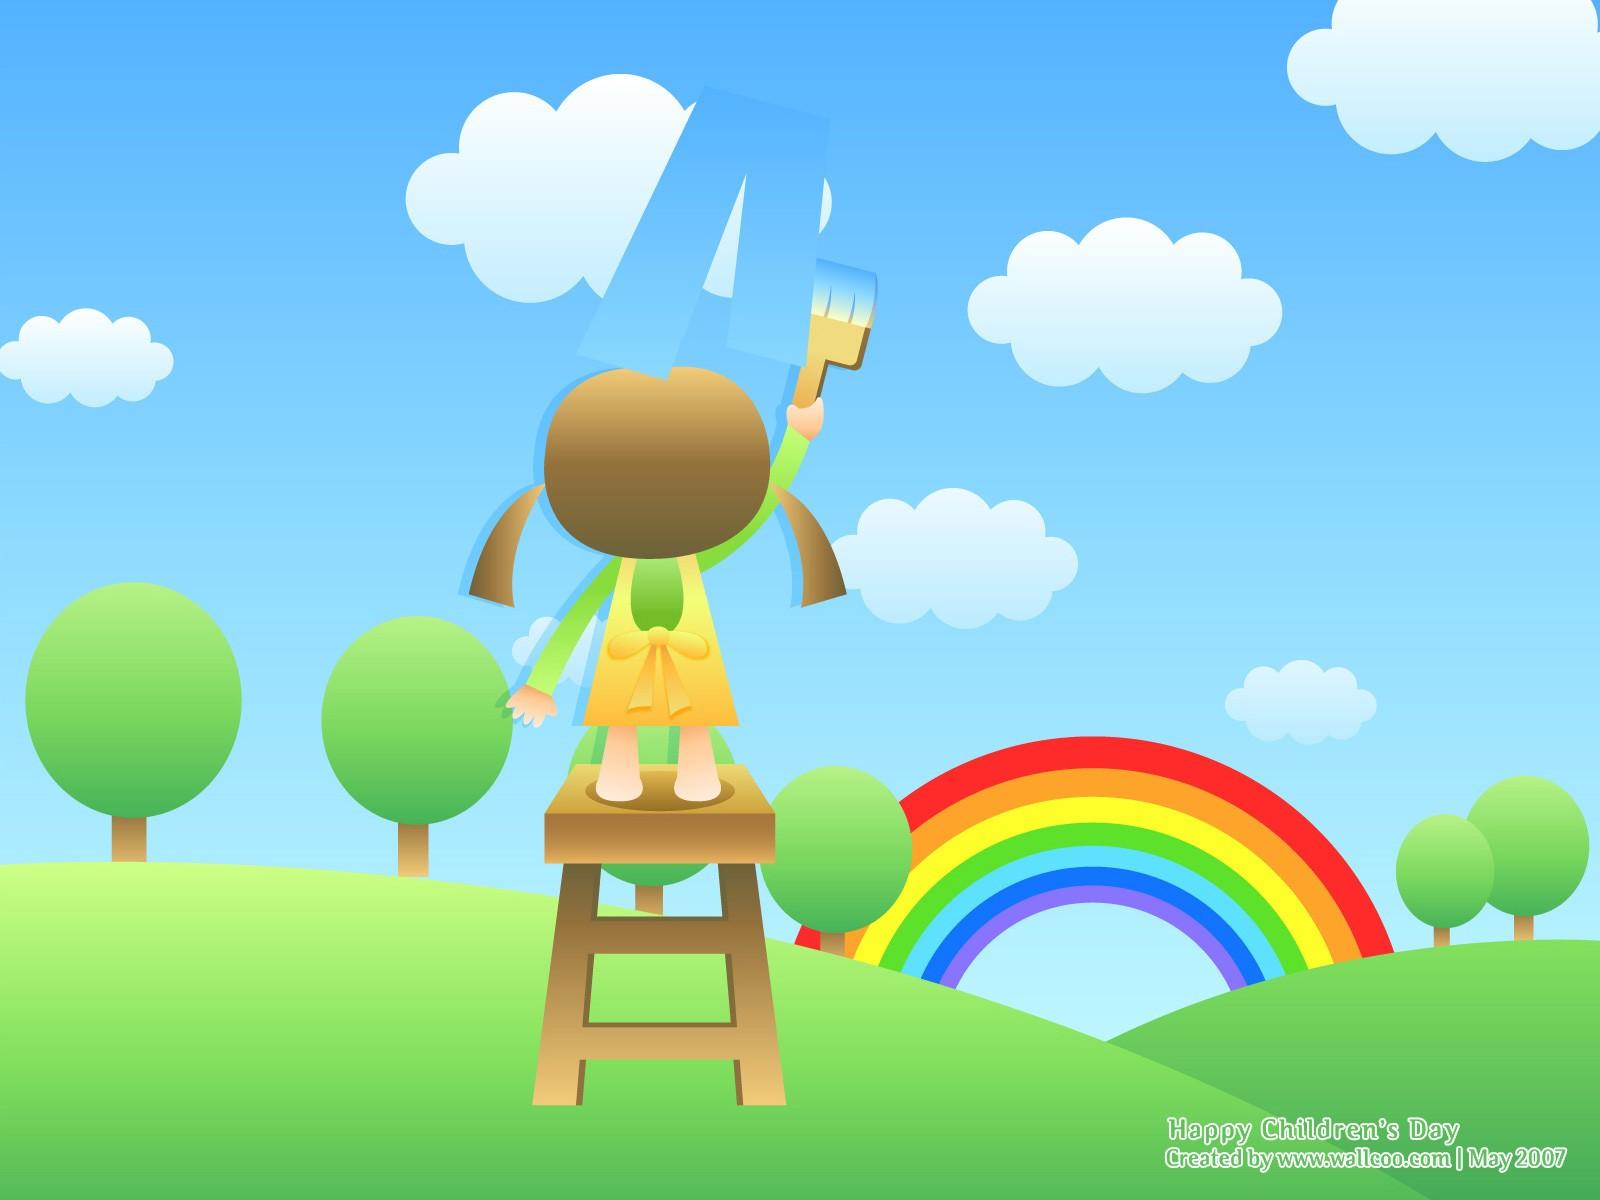 http://4.bp.blogspot.com/_teoCEK3qhDM/TAkvzApsAHI/AAAAAAAAADw/fLfjyJ1tHX4/s1600/rainbow.jpg